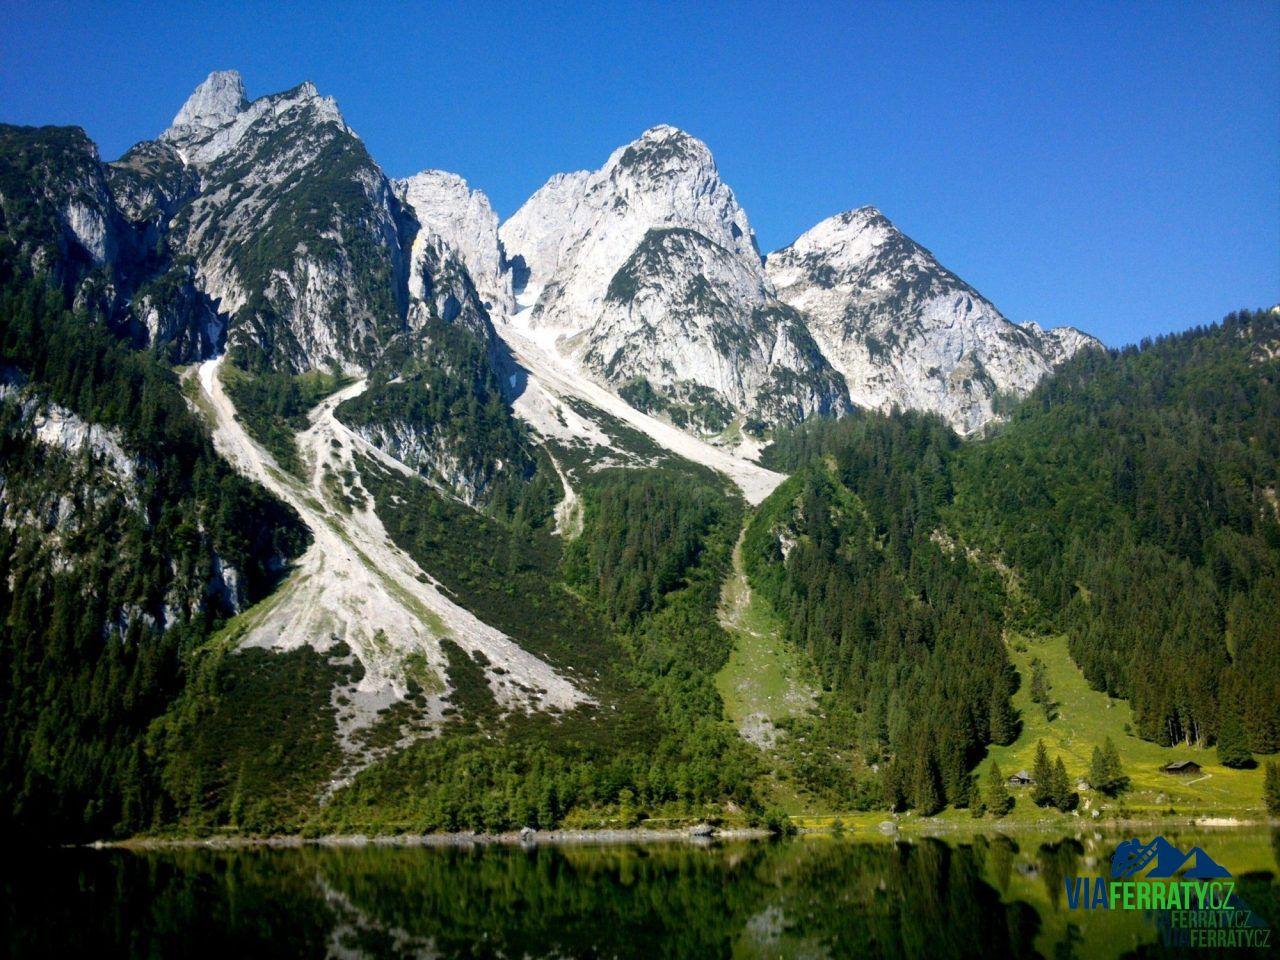 Laserer Alpin Klettersteig : Laserer alpin klettersteig viaferraty cz